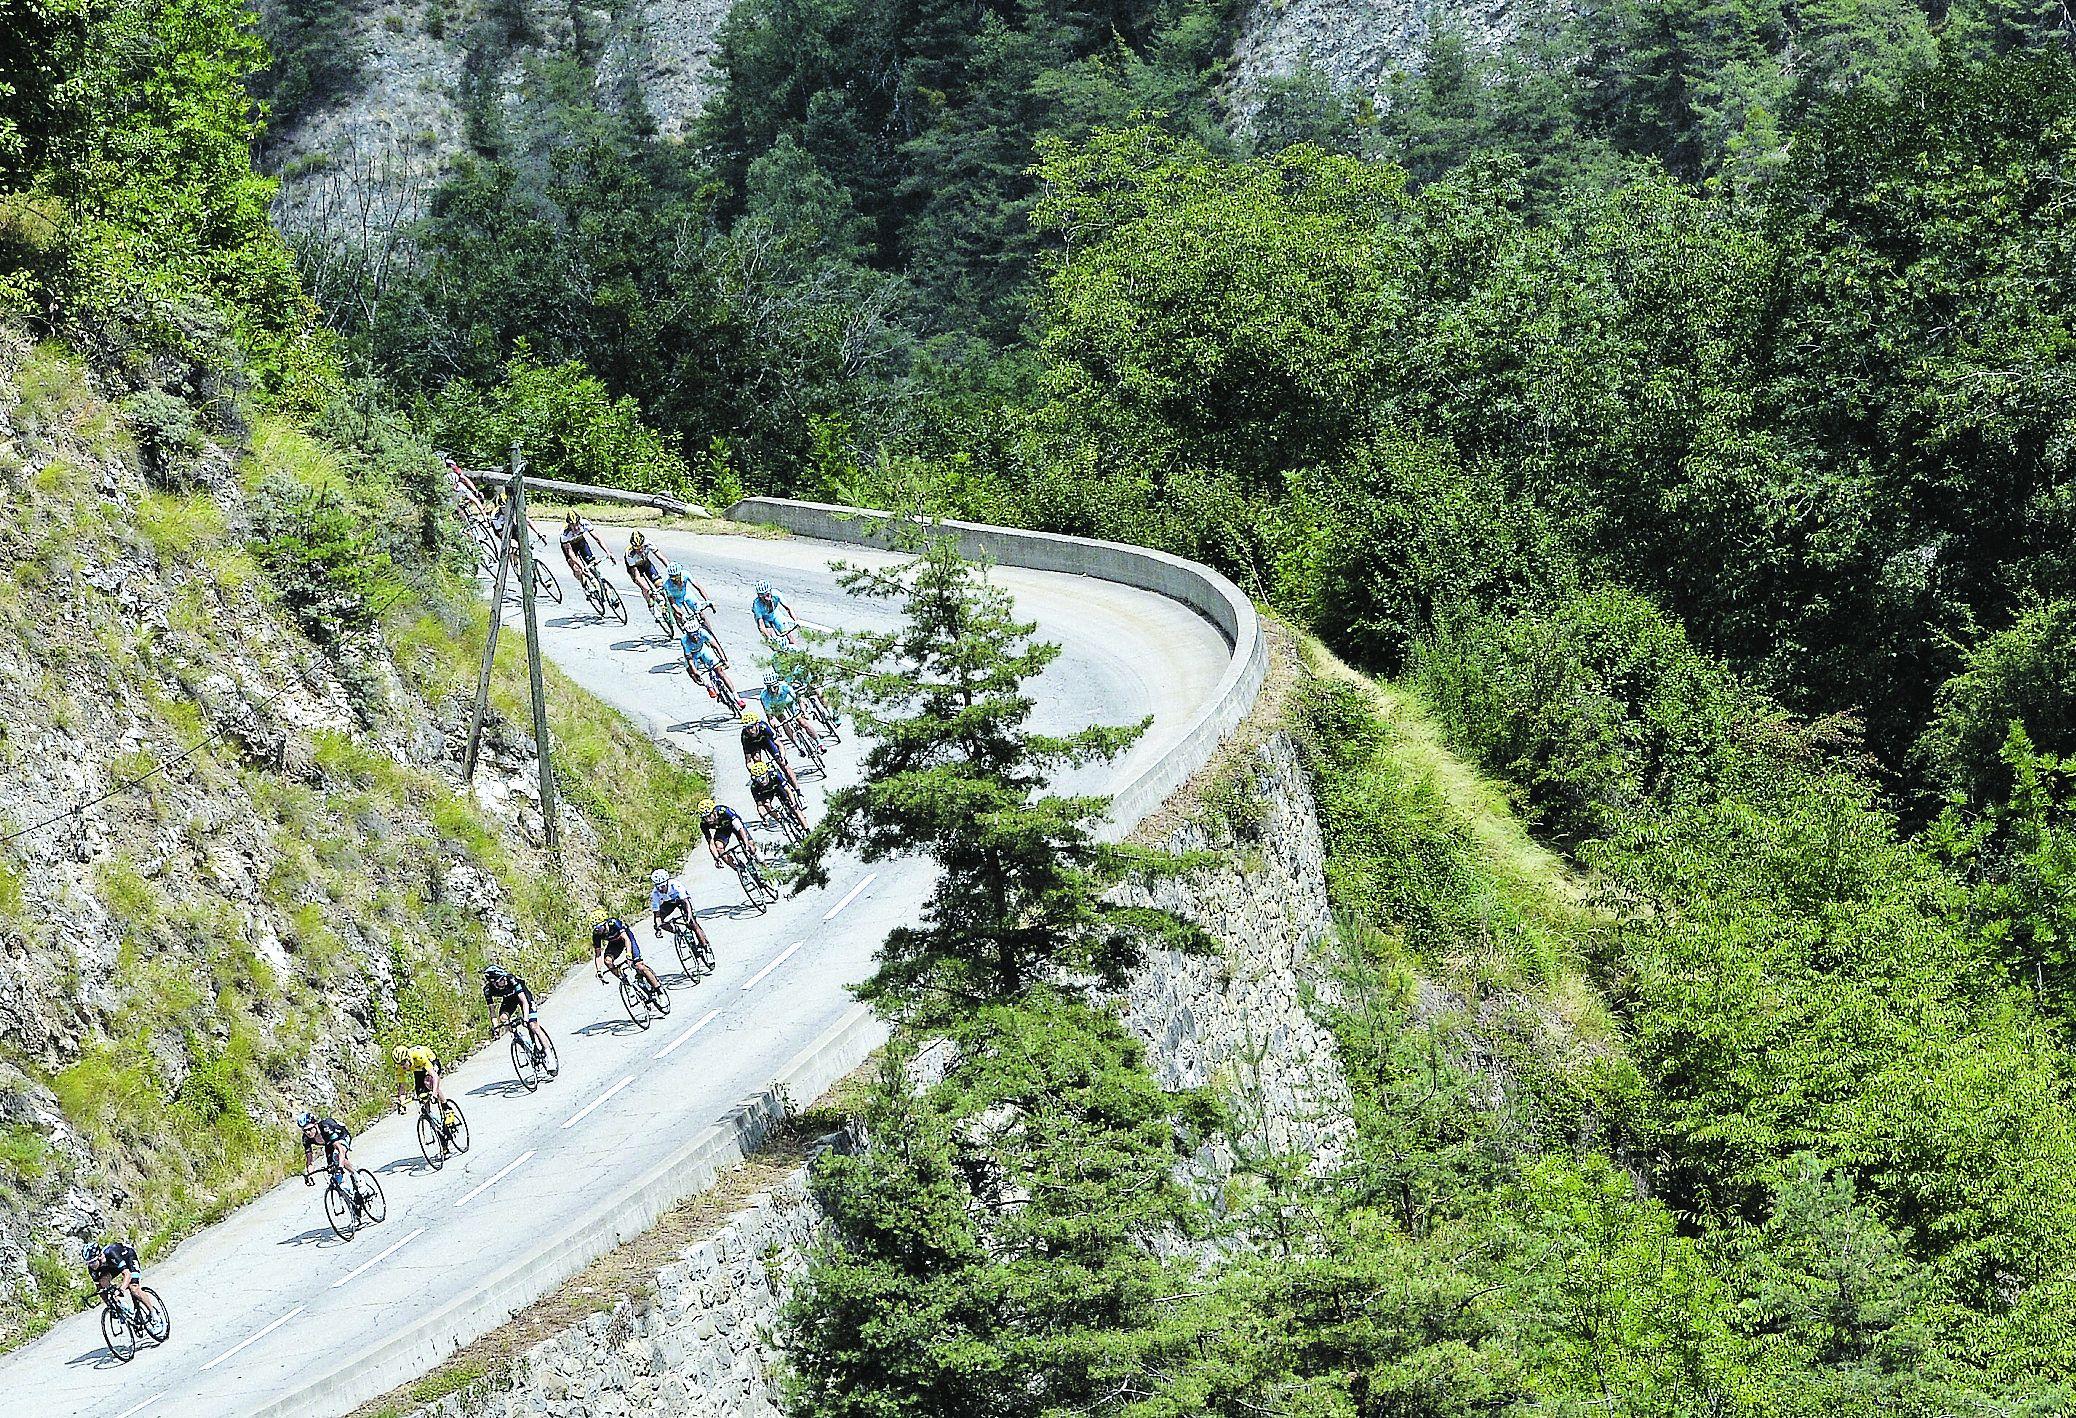 Cyclisme - Tour de France - Tour de France: cinq questions (essentielles) avant la montagne